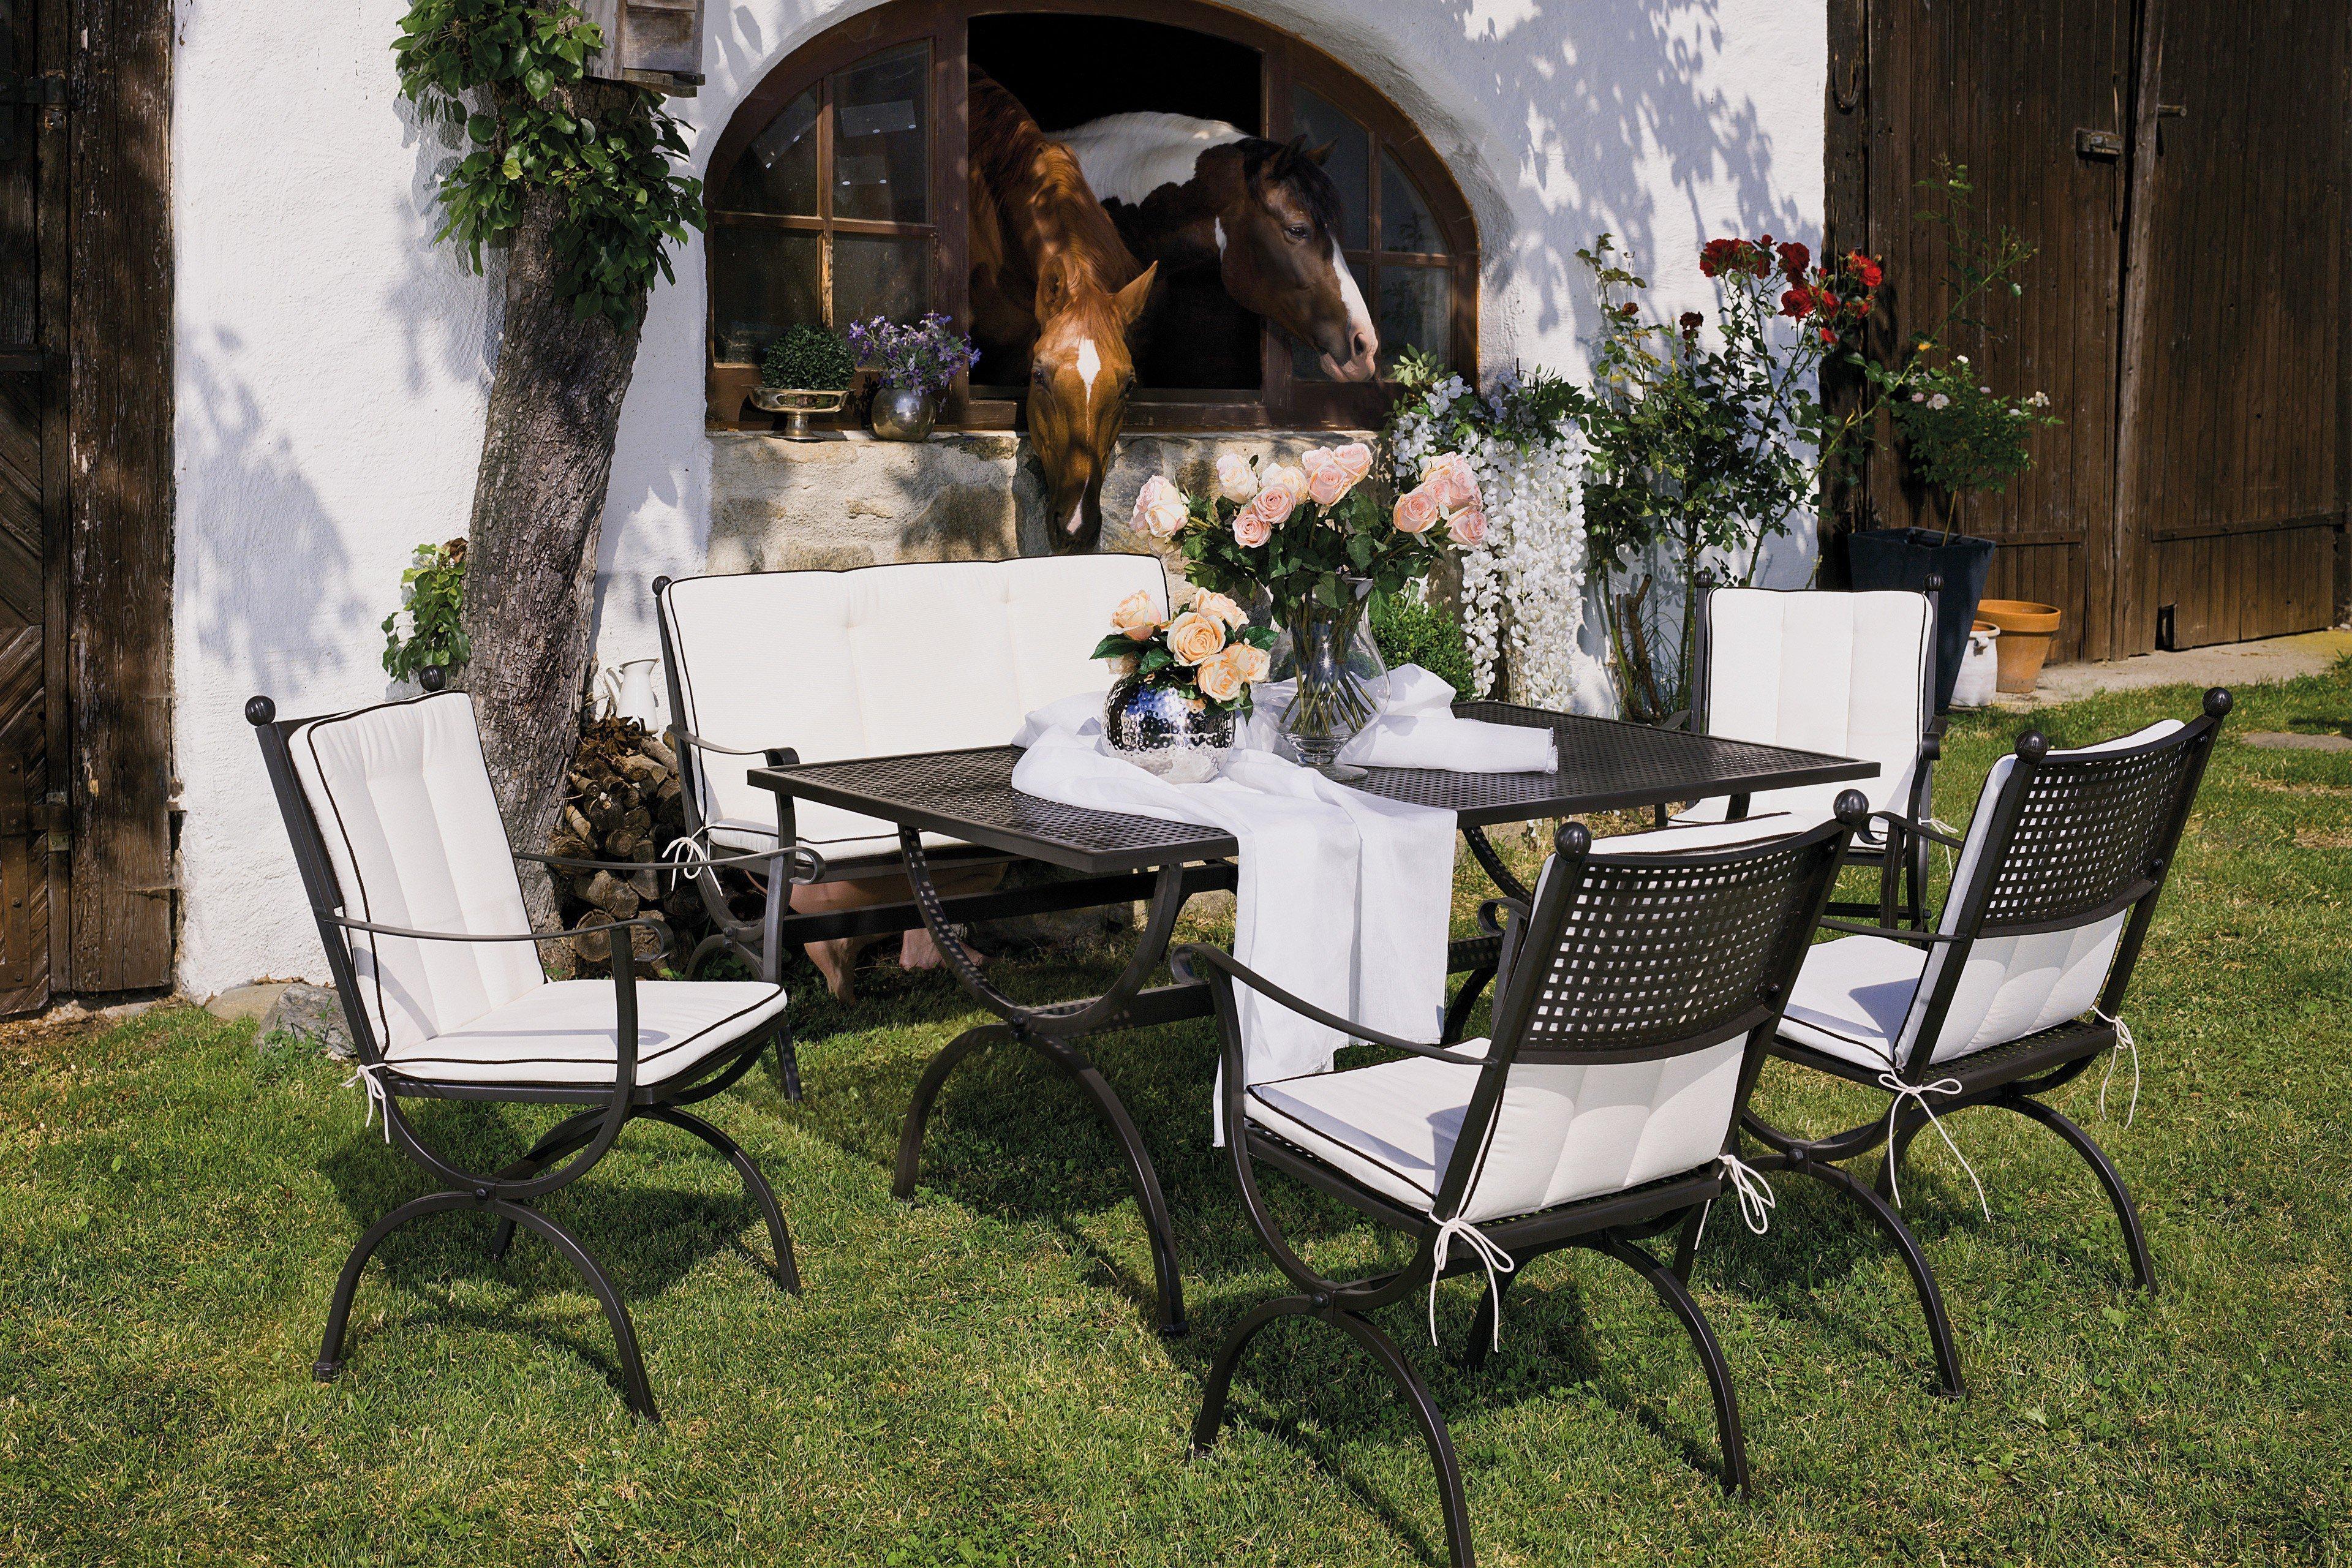 mbm gartentisch romeo ca 125 x 75 cm m bel letz ihr. Black Bedroom Furniture Sets. Home Design Ideas